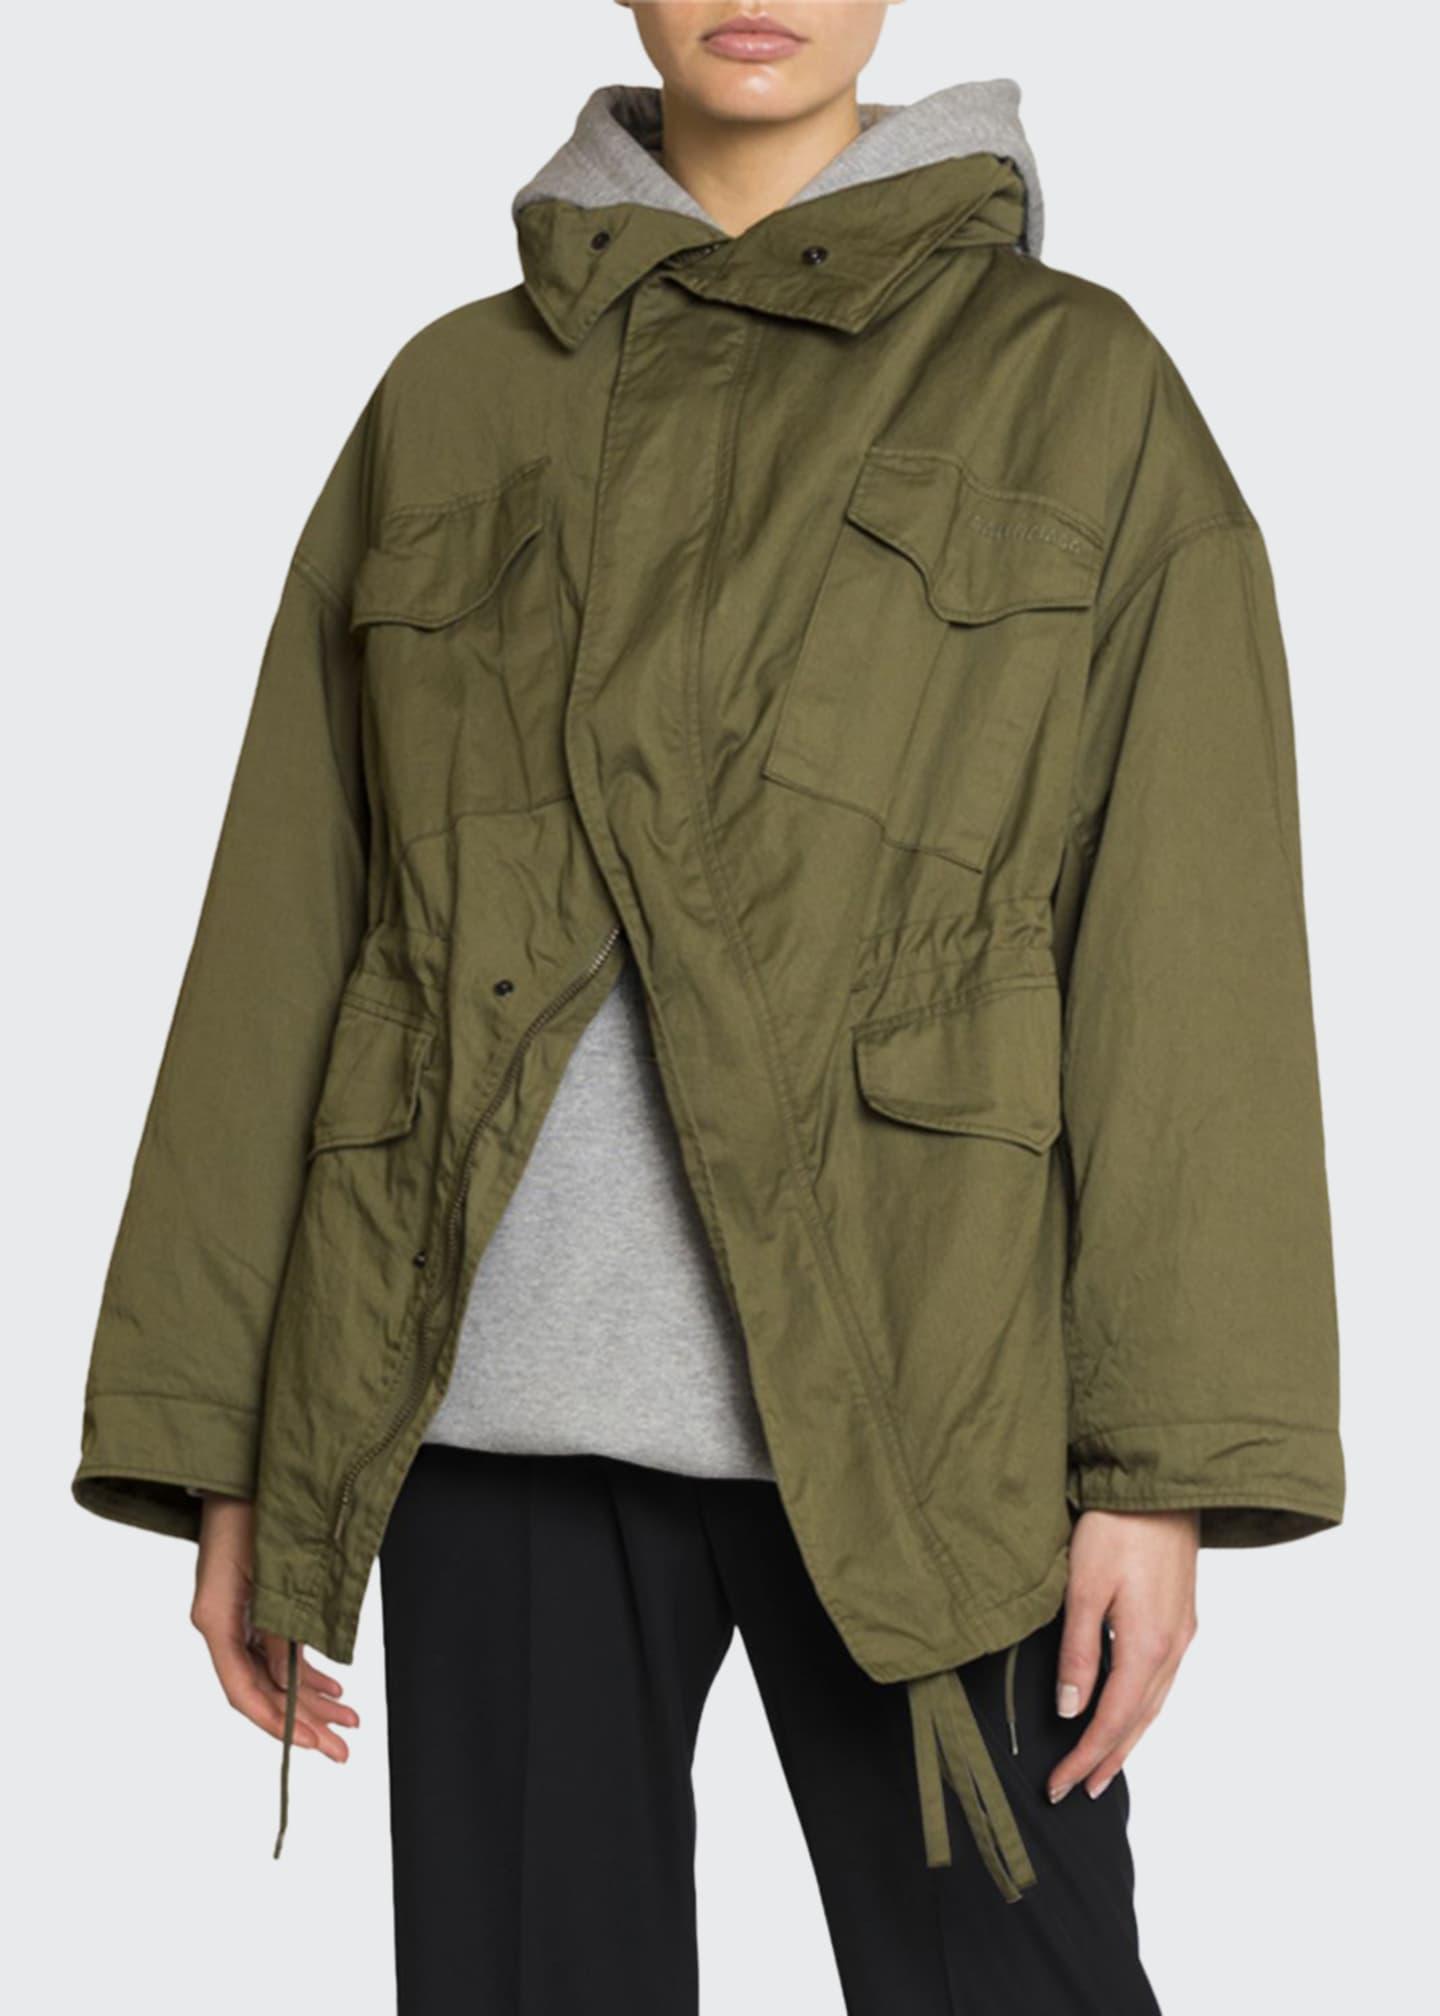 Balenciaga Military-Style Oversized Swing Jacket